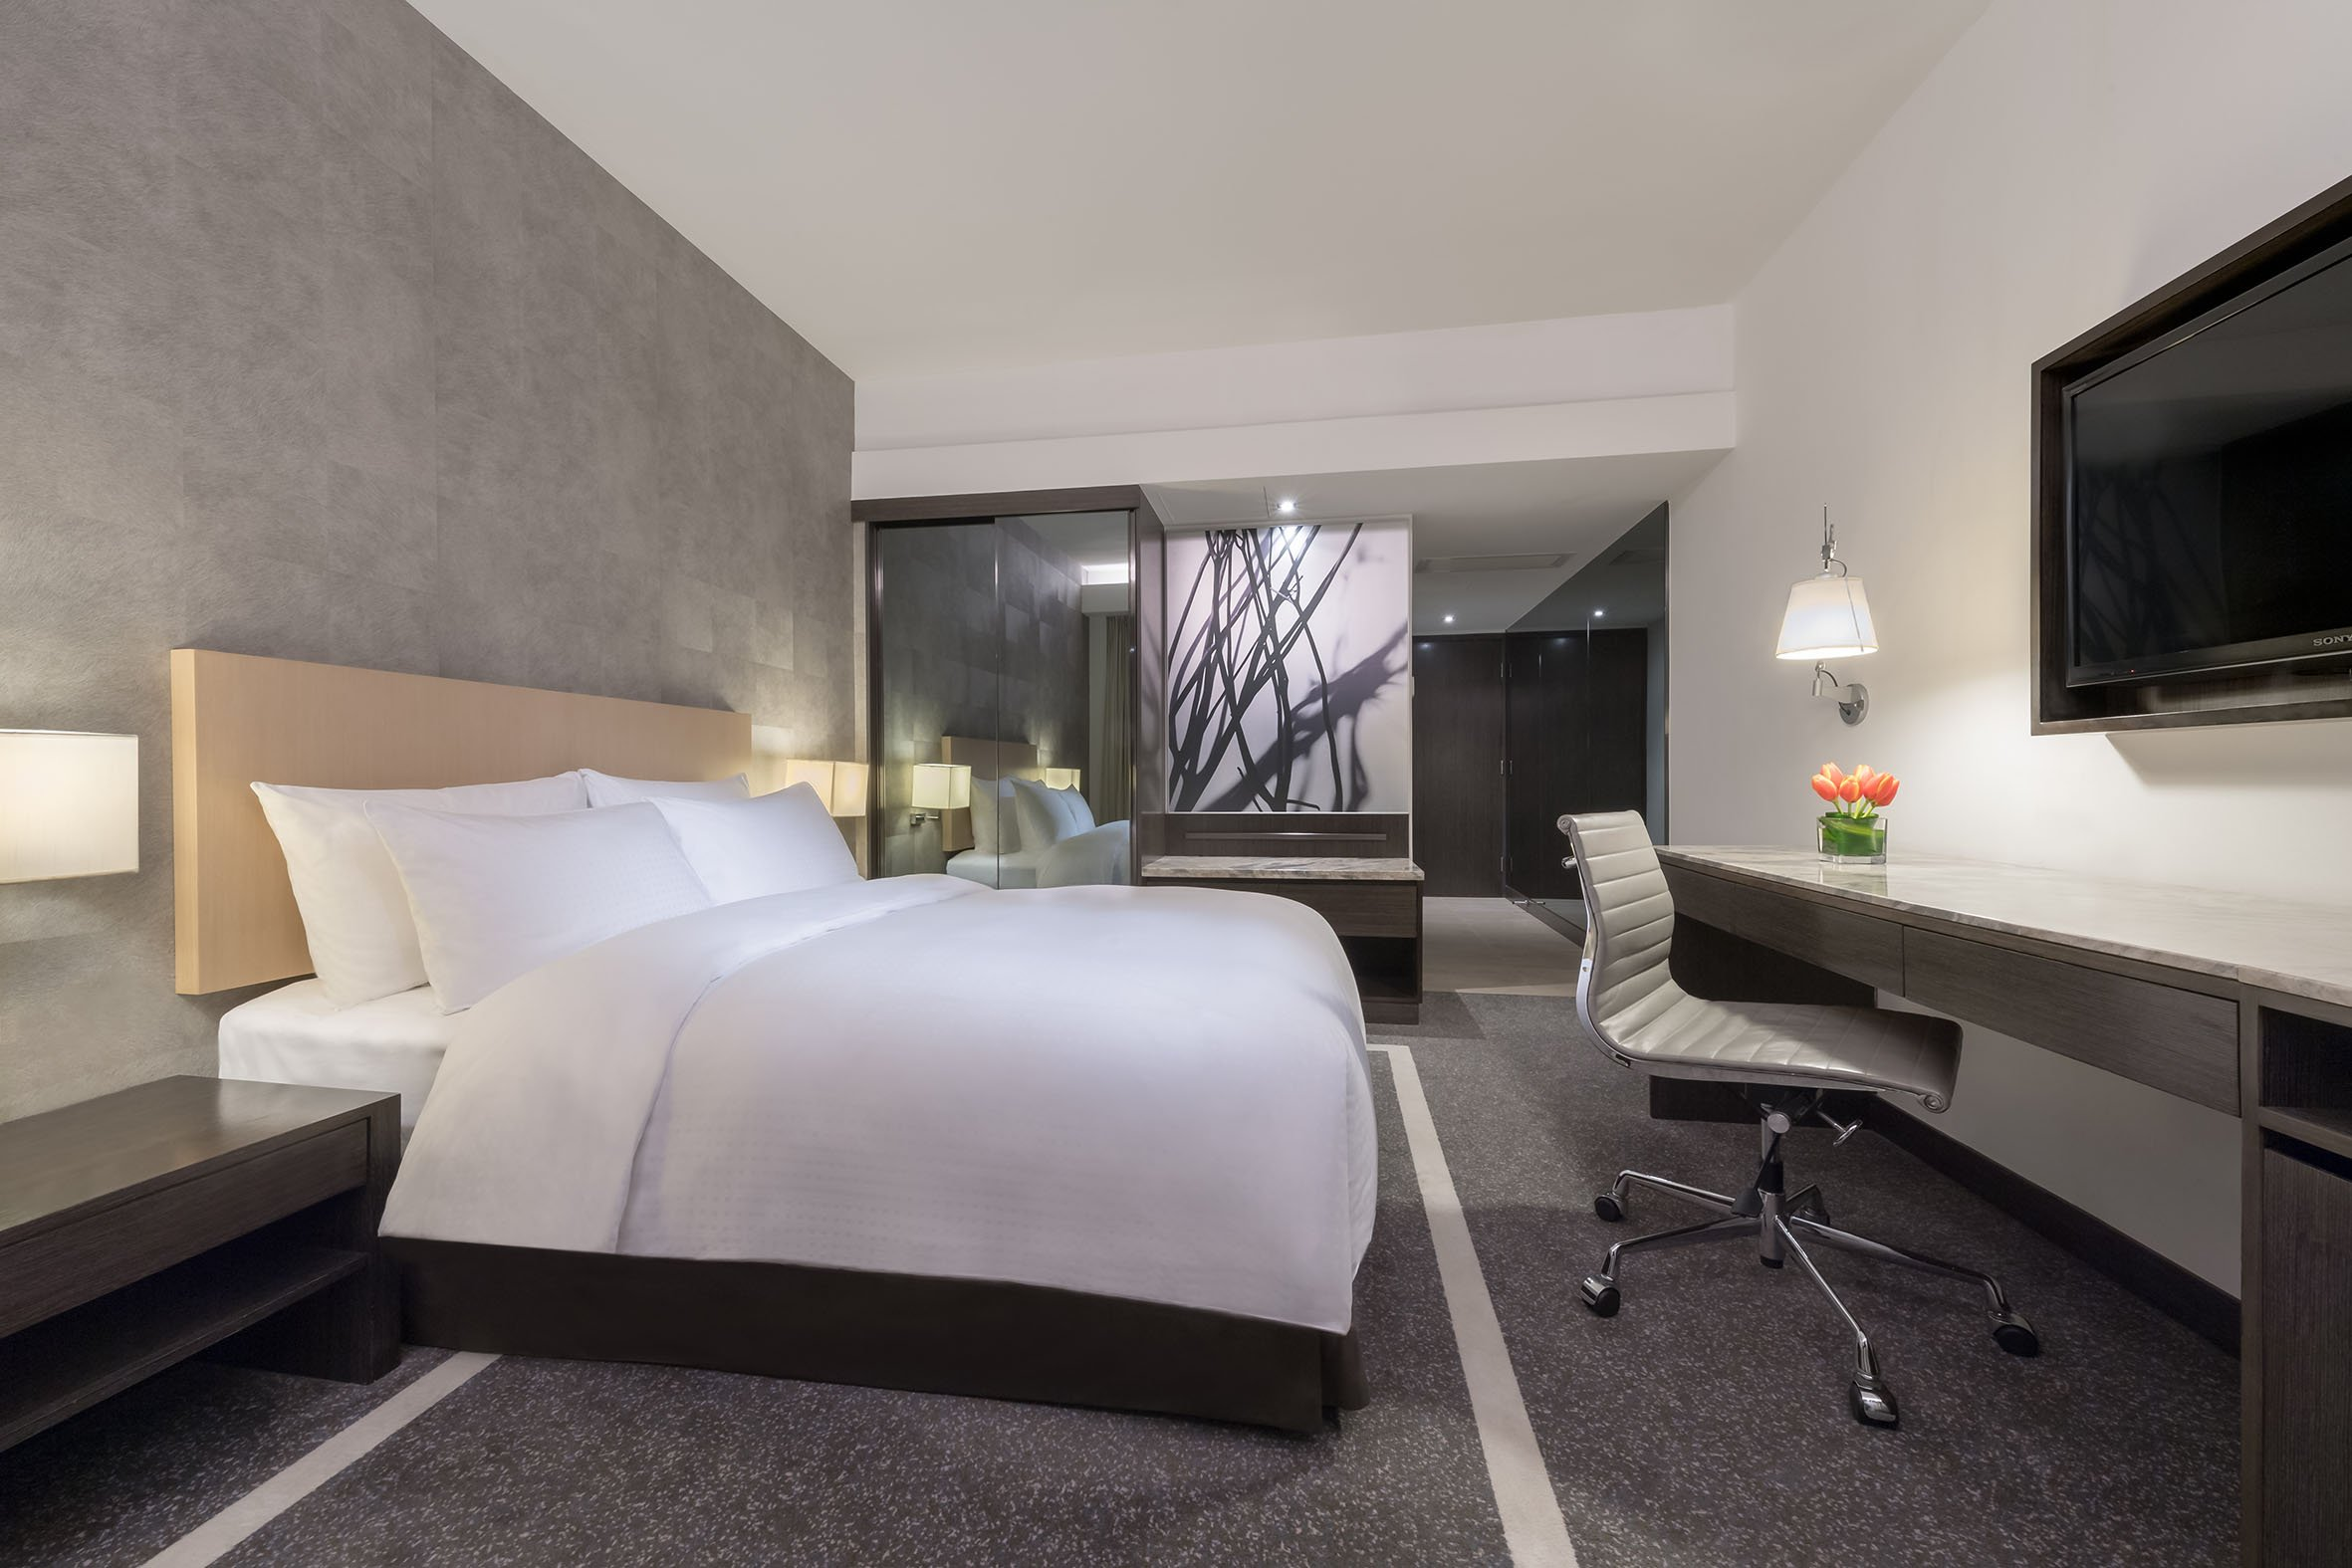 港威酒店 Gateway Hotel-高級客房|饗樂 • 購物 • 悠閒之選 住宿優惠 (餐飲回贈價值港幣600元)